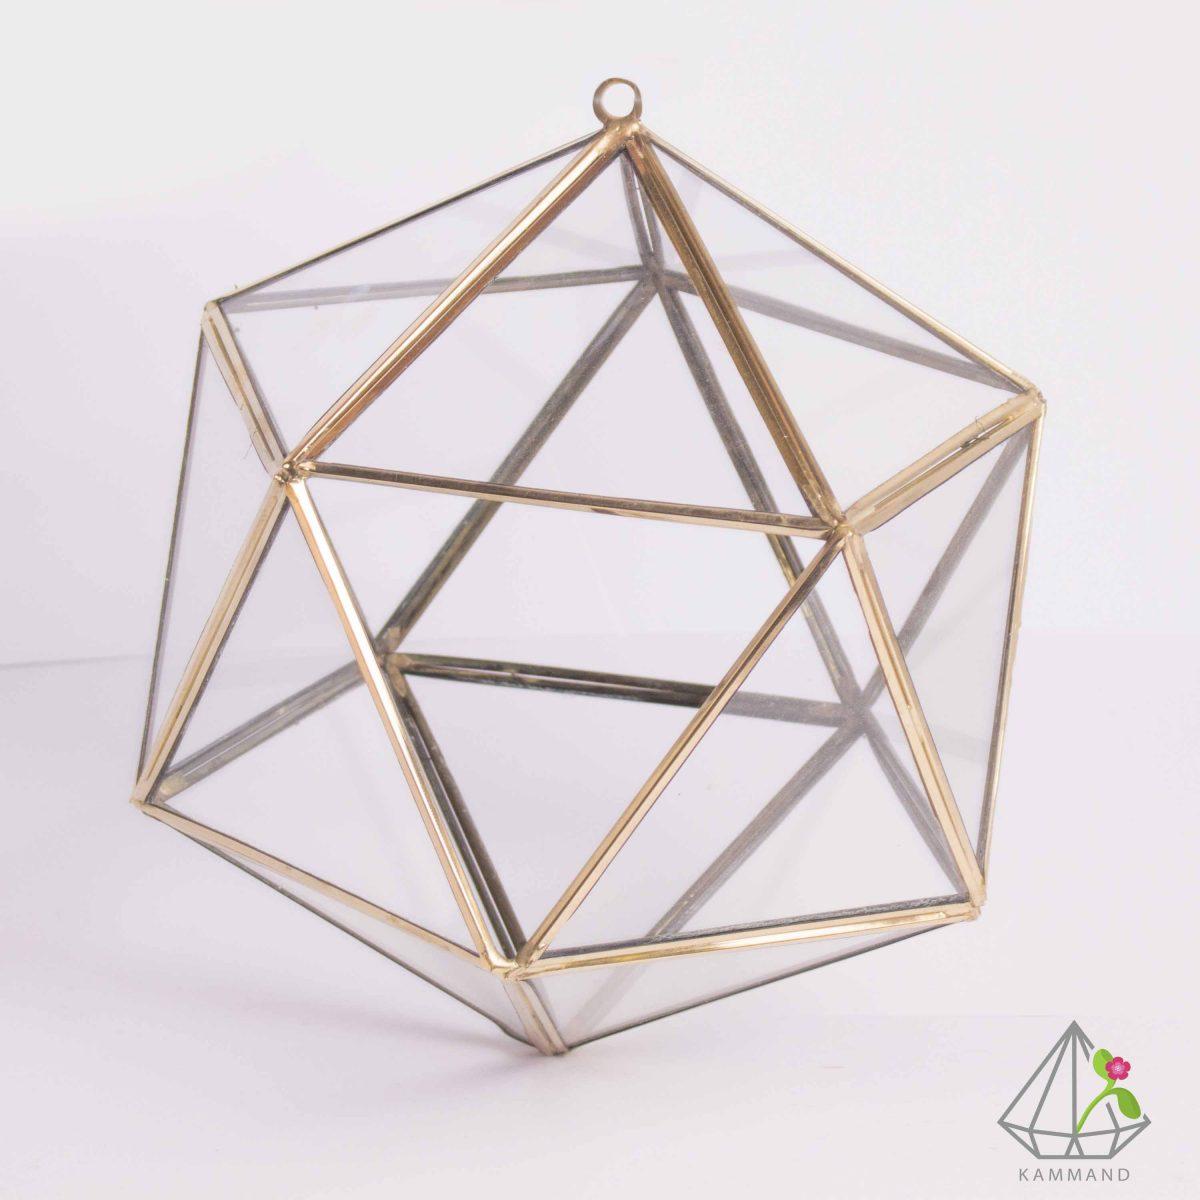 ظروف تراریوم، تراریوم چند وجهی ، تراریوم چند ضلعی آویز، تراریوم آویز ،گلدان شیشه ای، تراریوم، باغ شیشه ای ، فروشگاه اینترنتی کمند